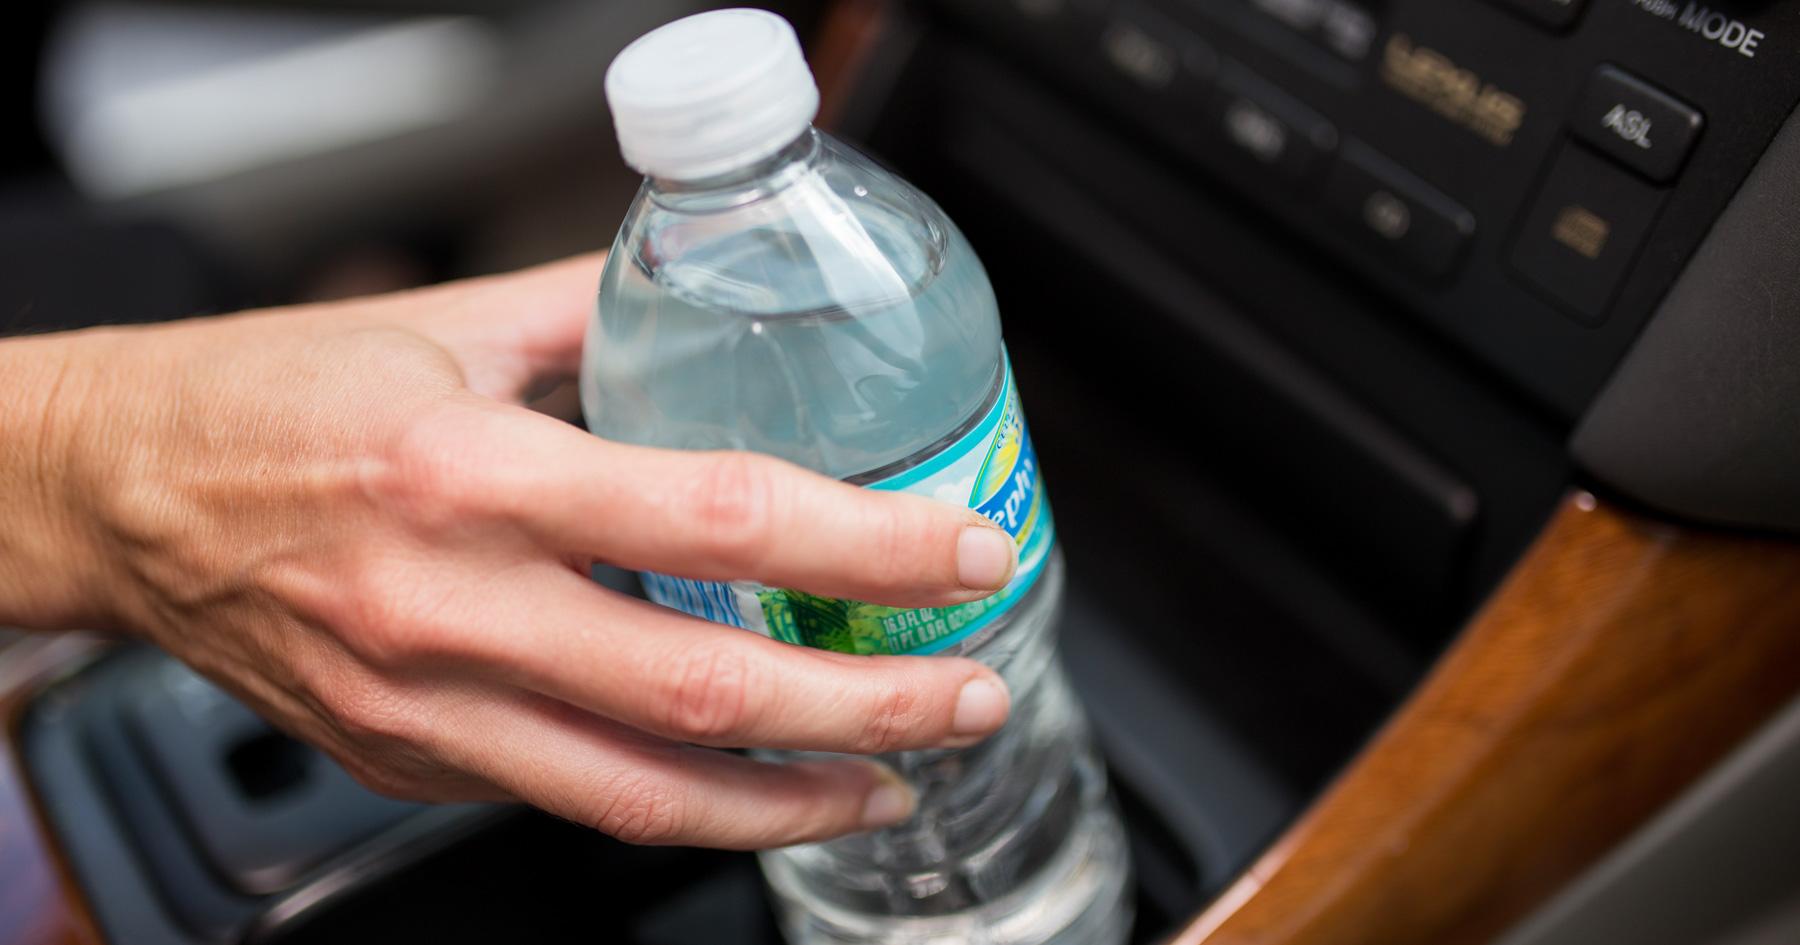 Αποτέλεσμα εικόνας για bottles contain DEHA